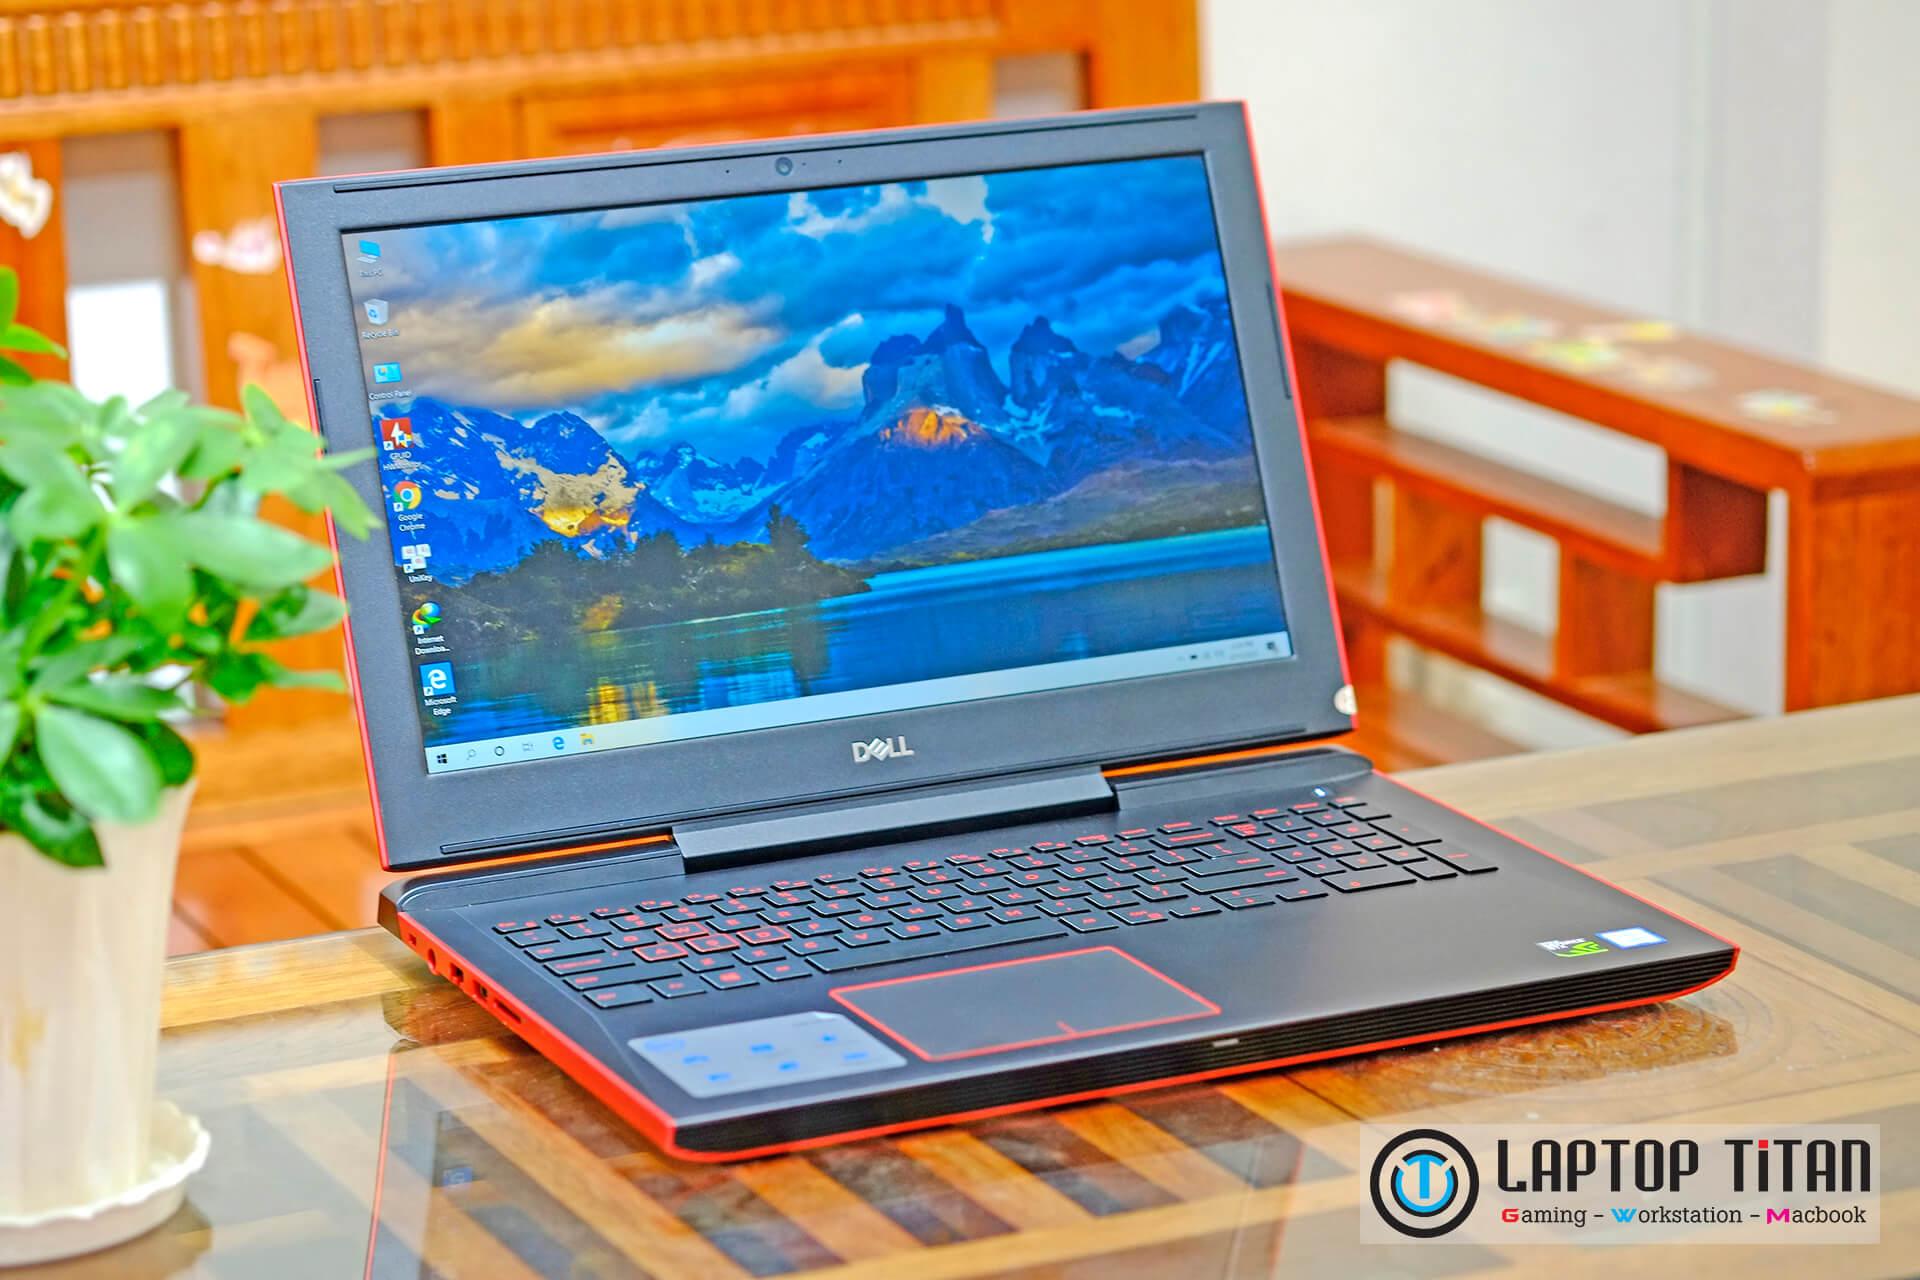 Dell G5 5587 Laptoptitan 05